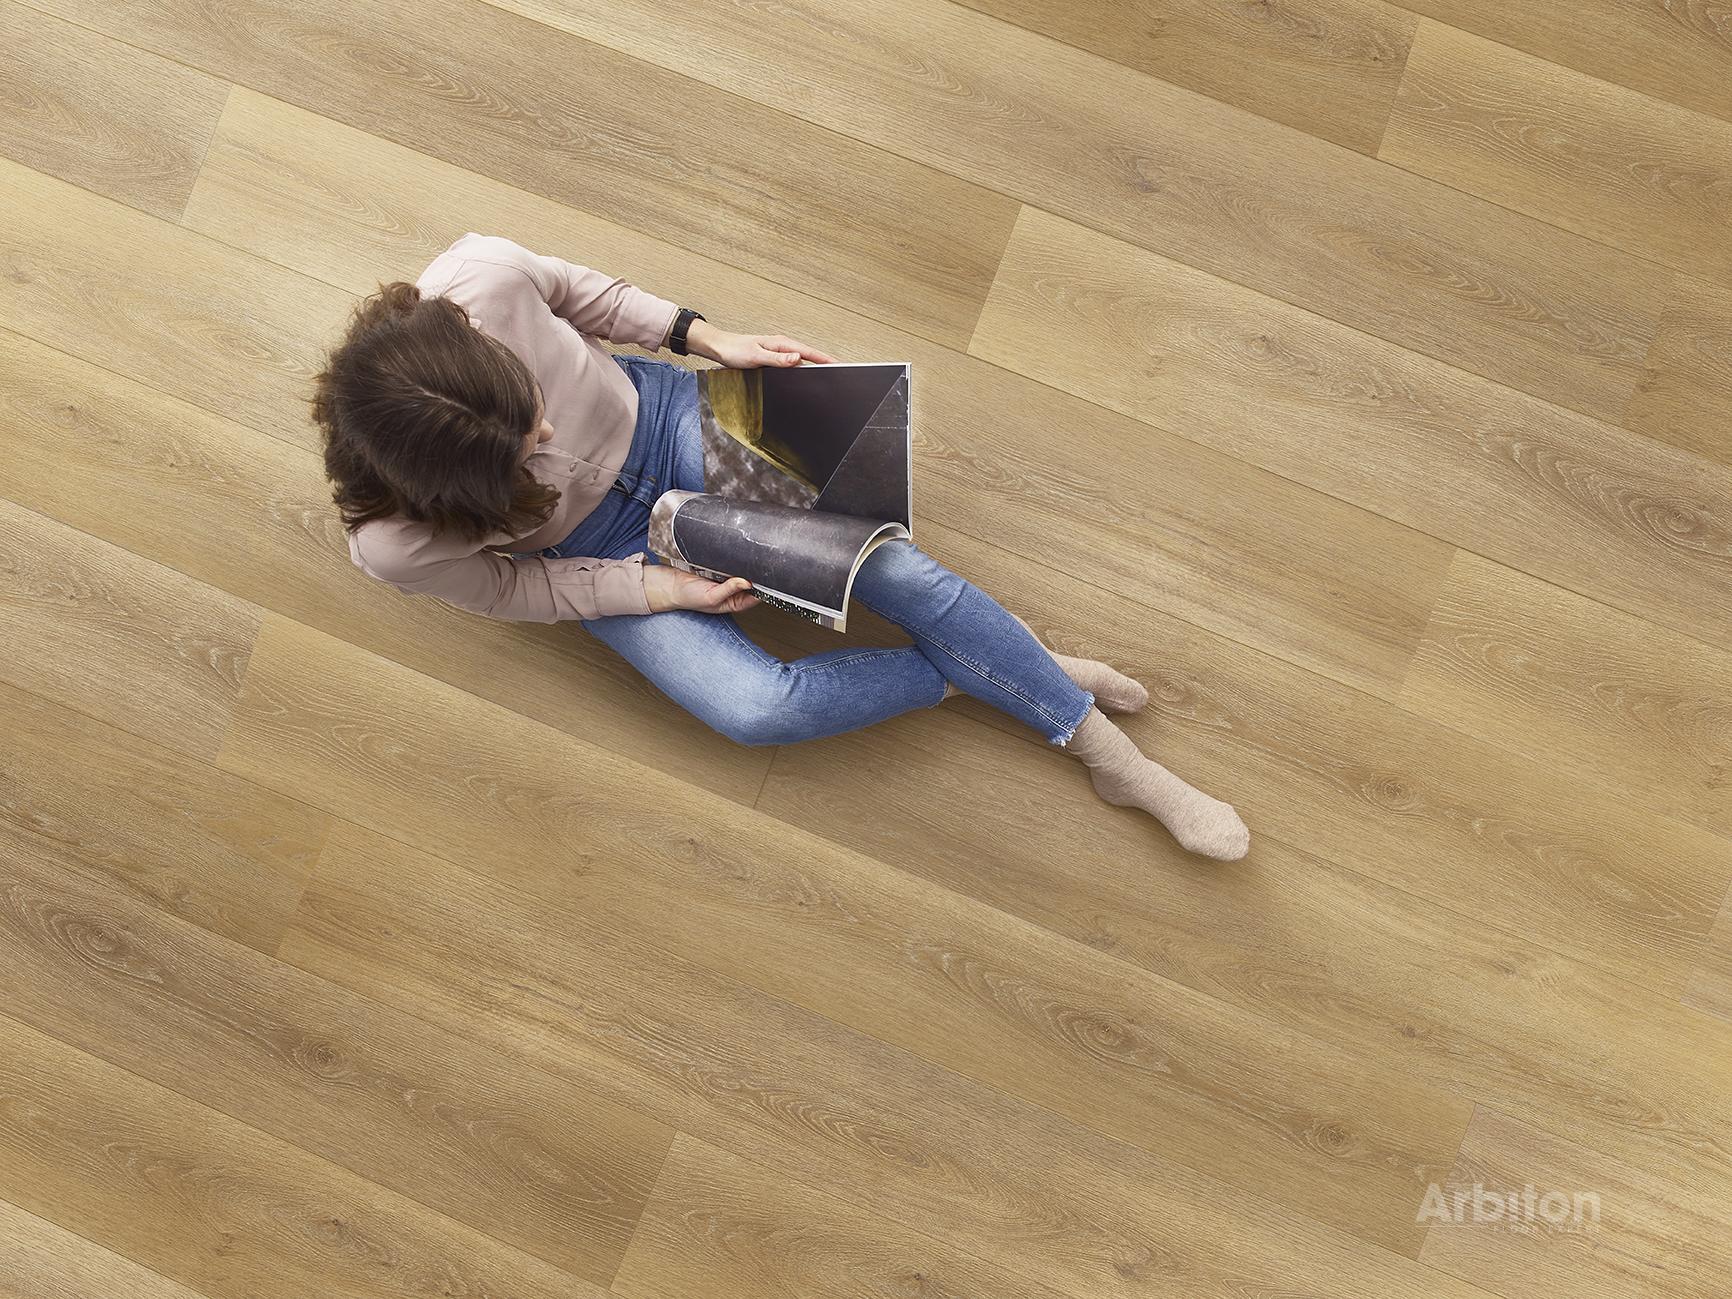 Nanotechnologie macht den Fußboden sehr strapazierfähig und erleichtert die Bodenpflege. Foto: Arbiton.